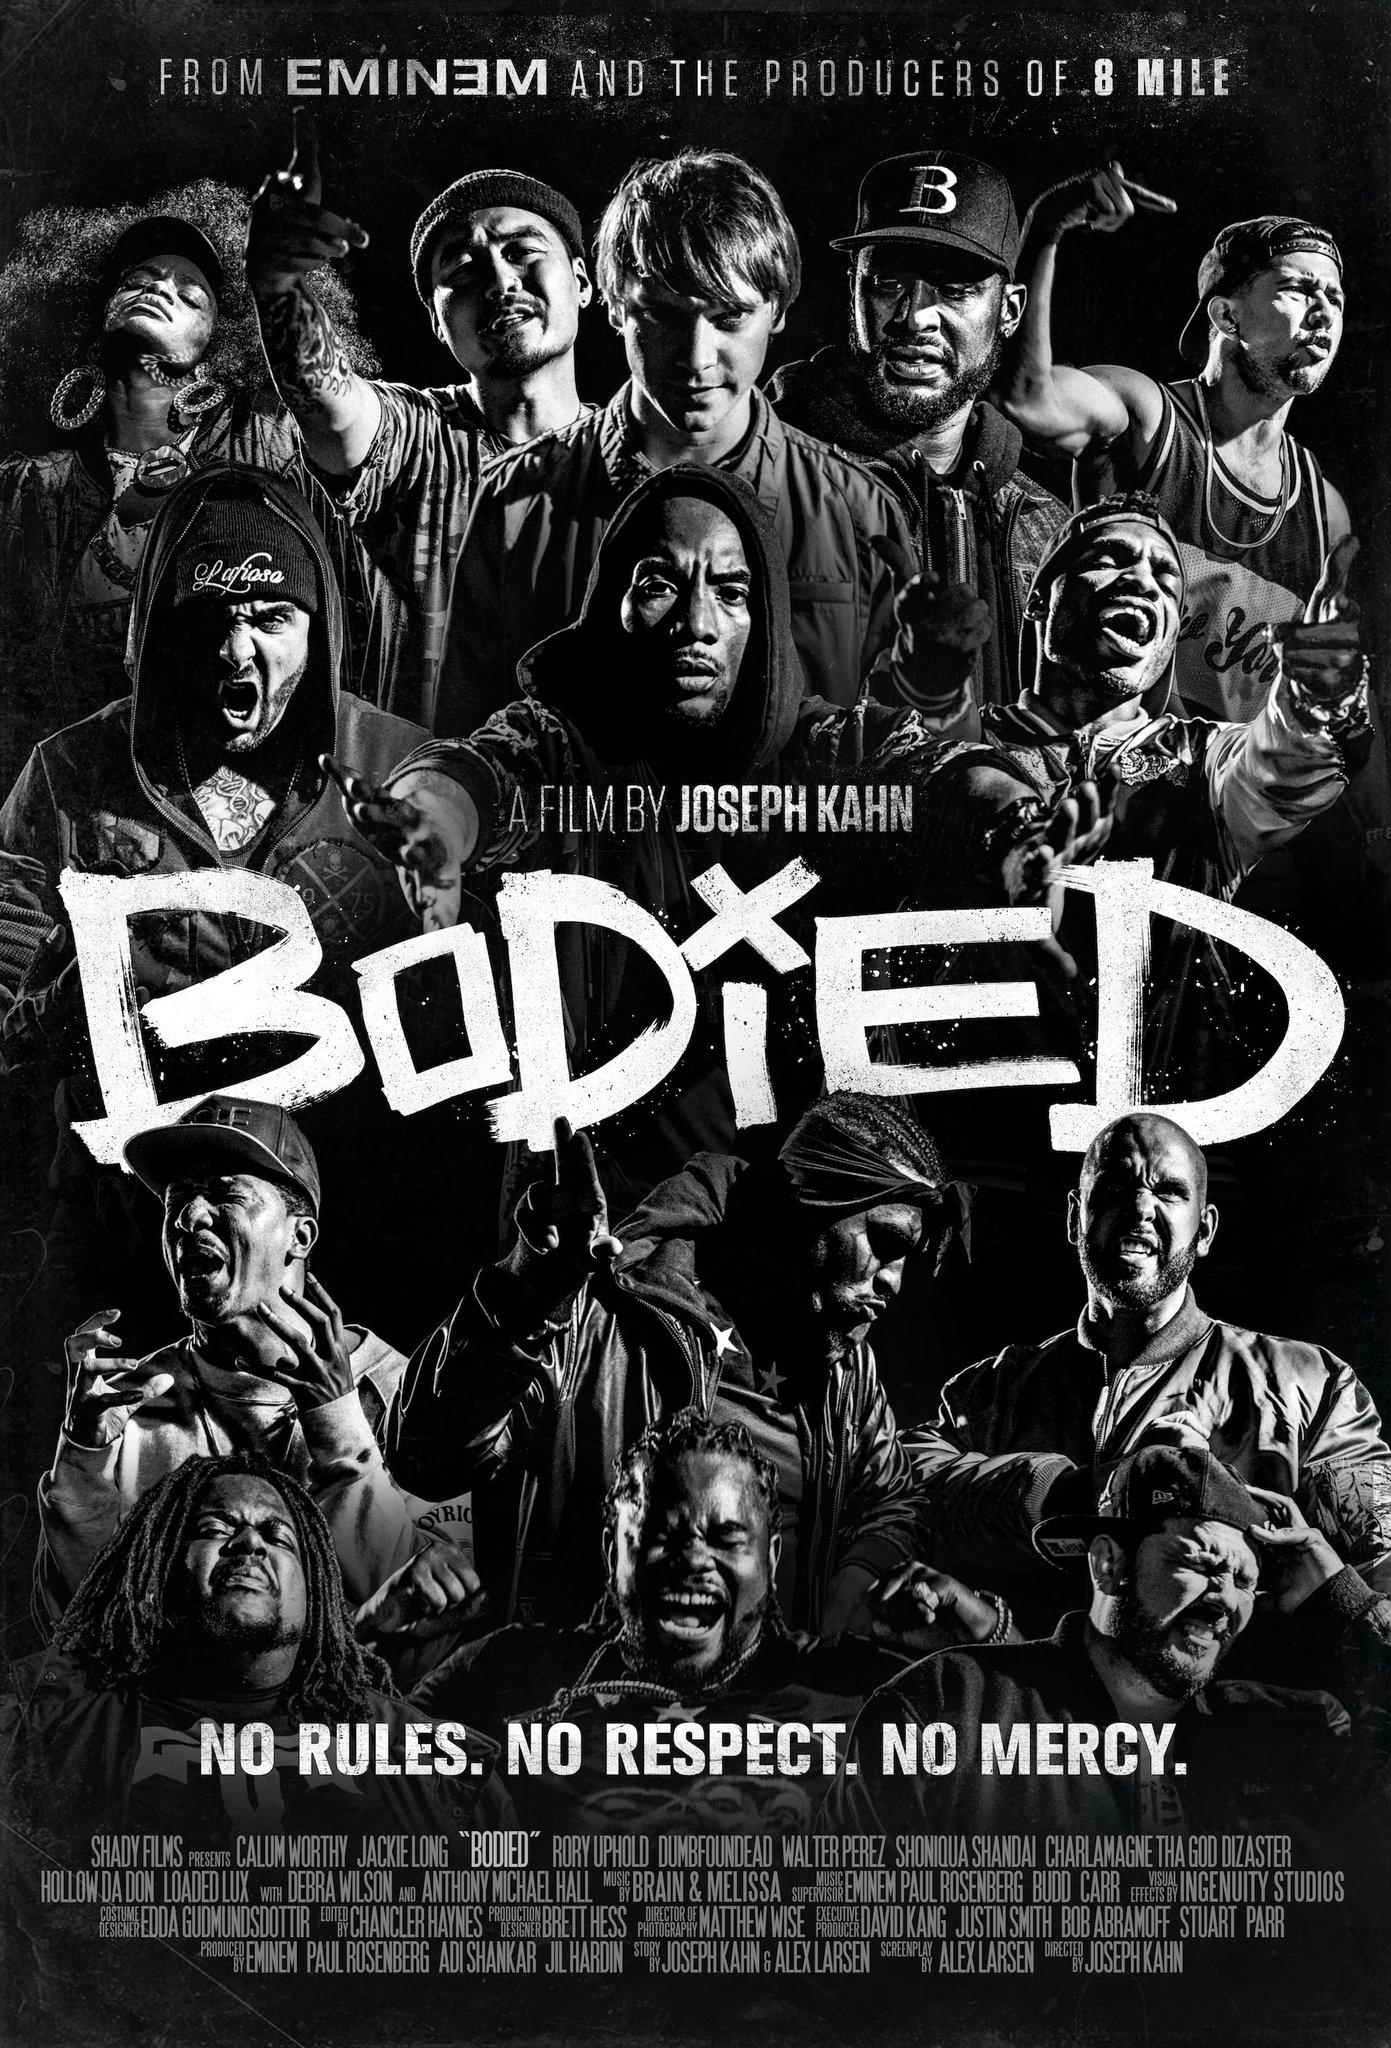 Eminem x Bodied